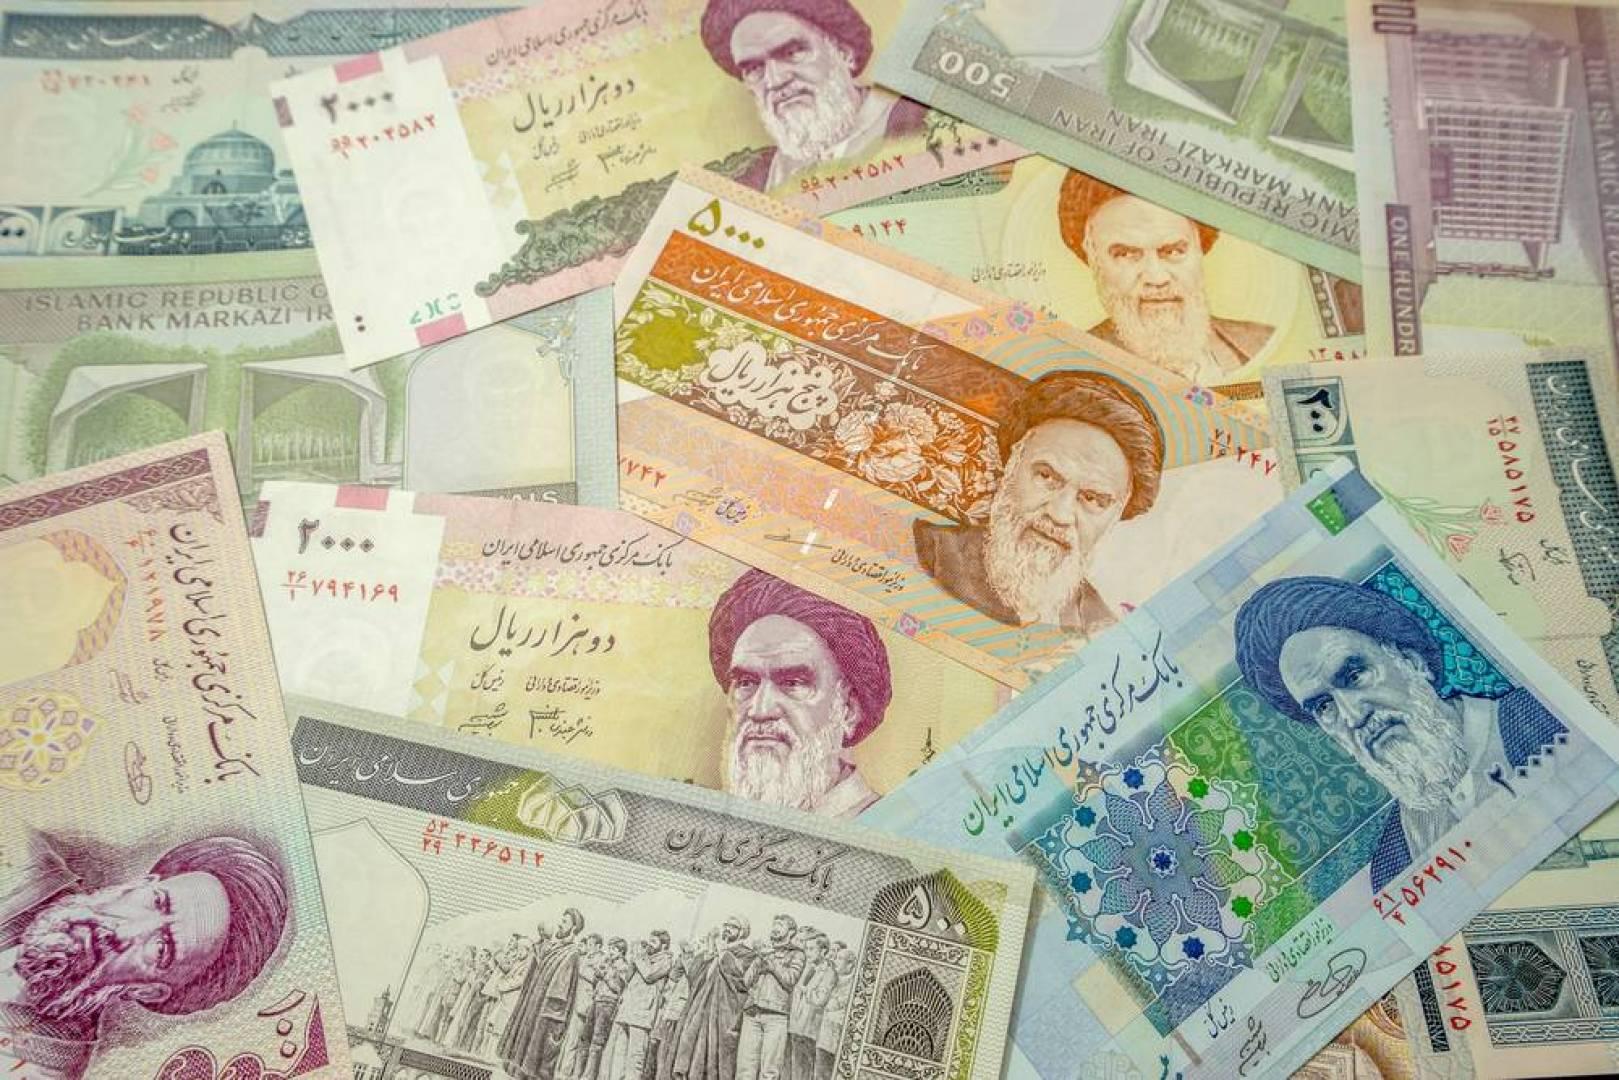 أزمة العملة تزيد الإيرانيين فقراً وترهق الاقتصاد